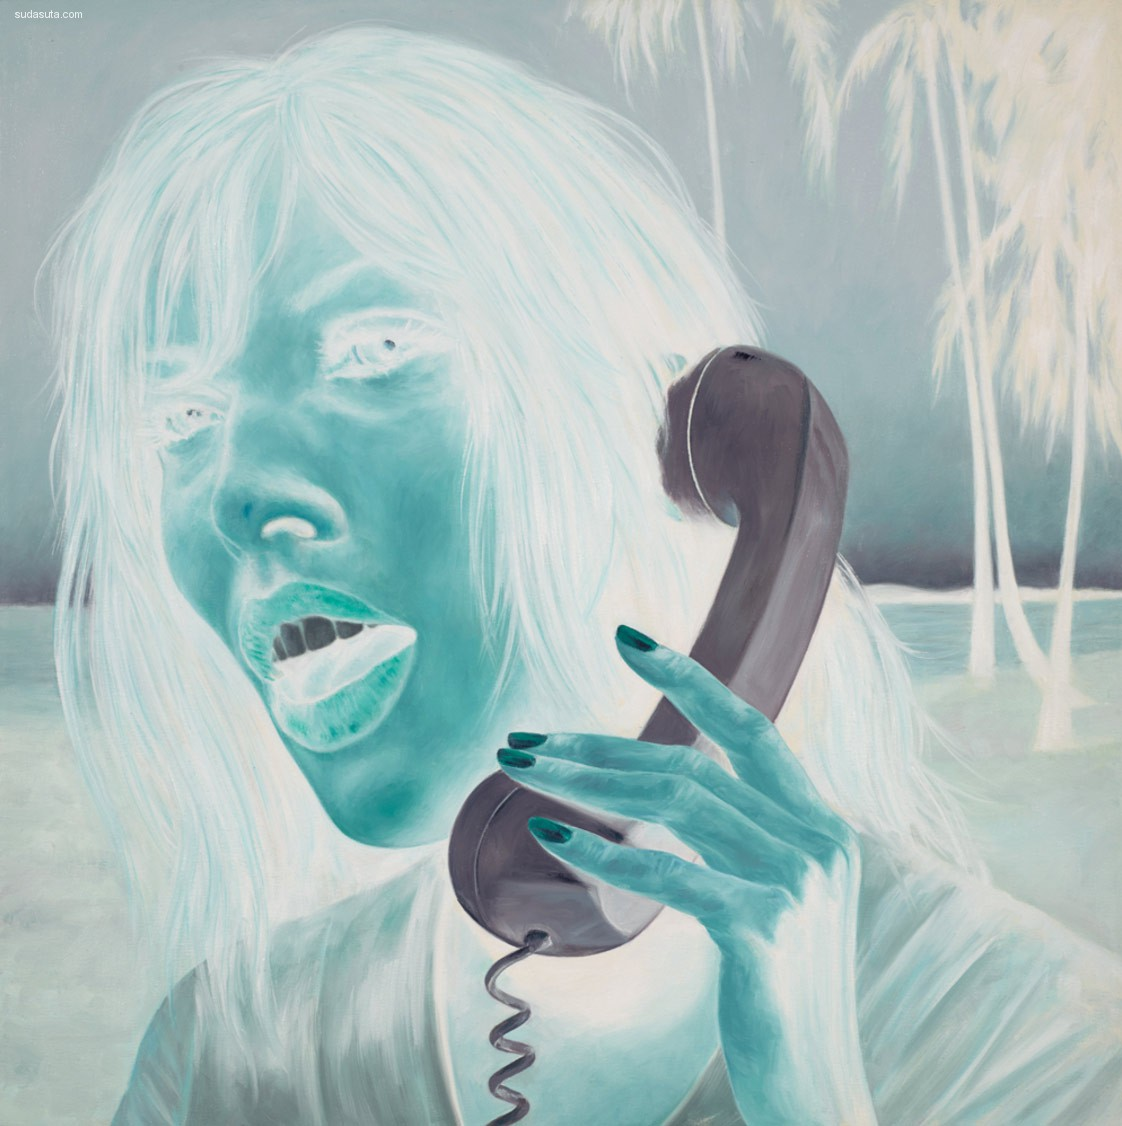 Eric White 超现实主义绘画艺术